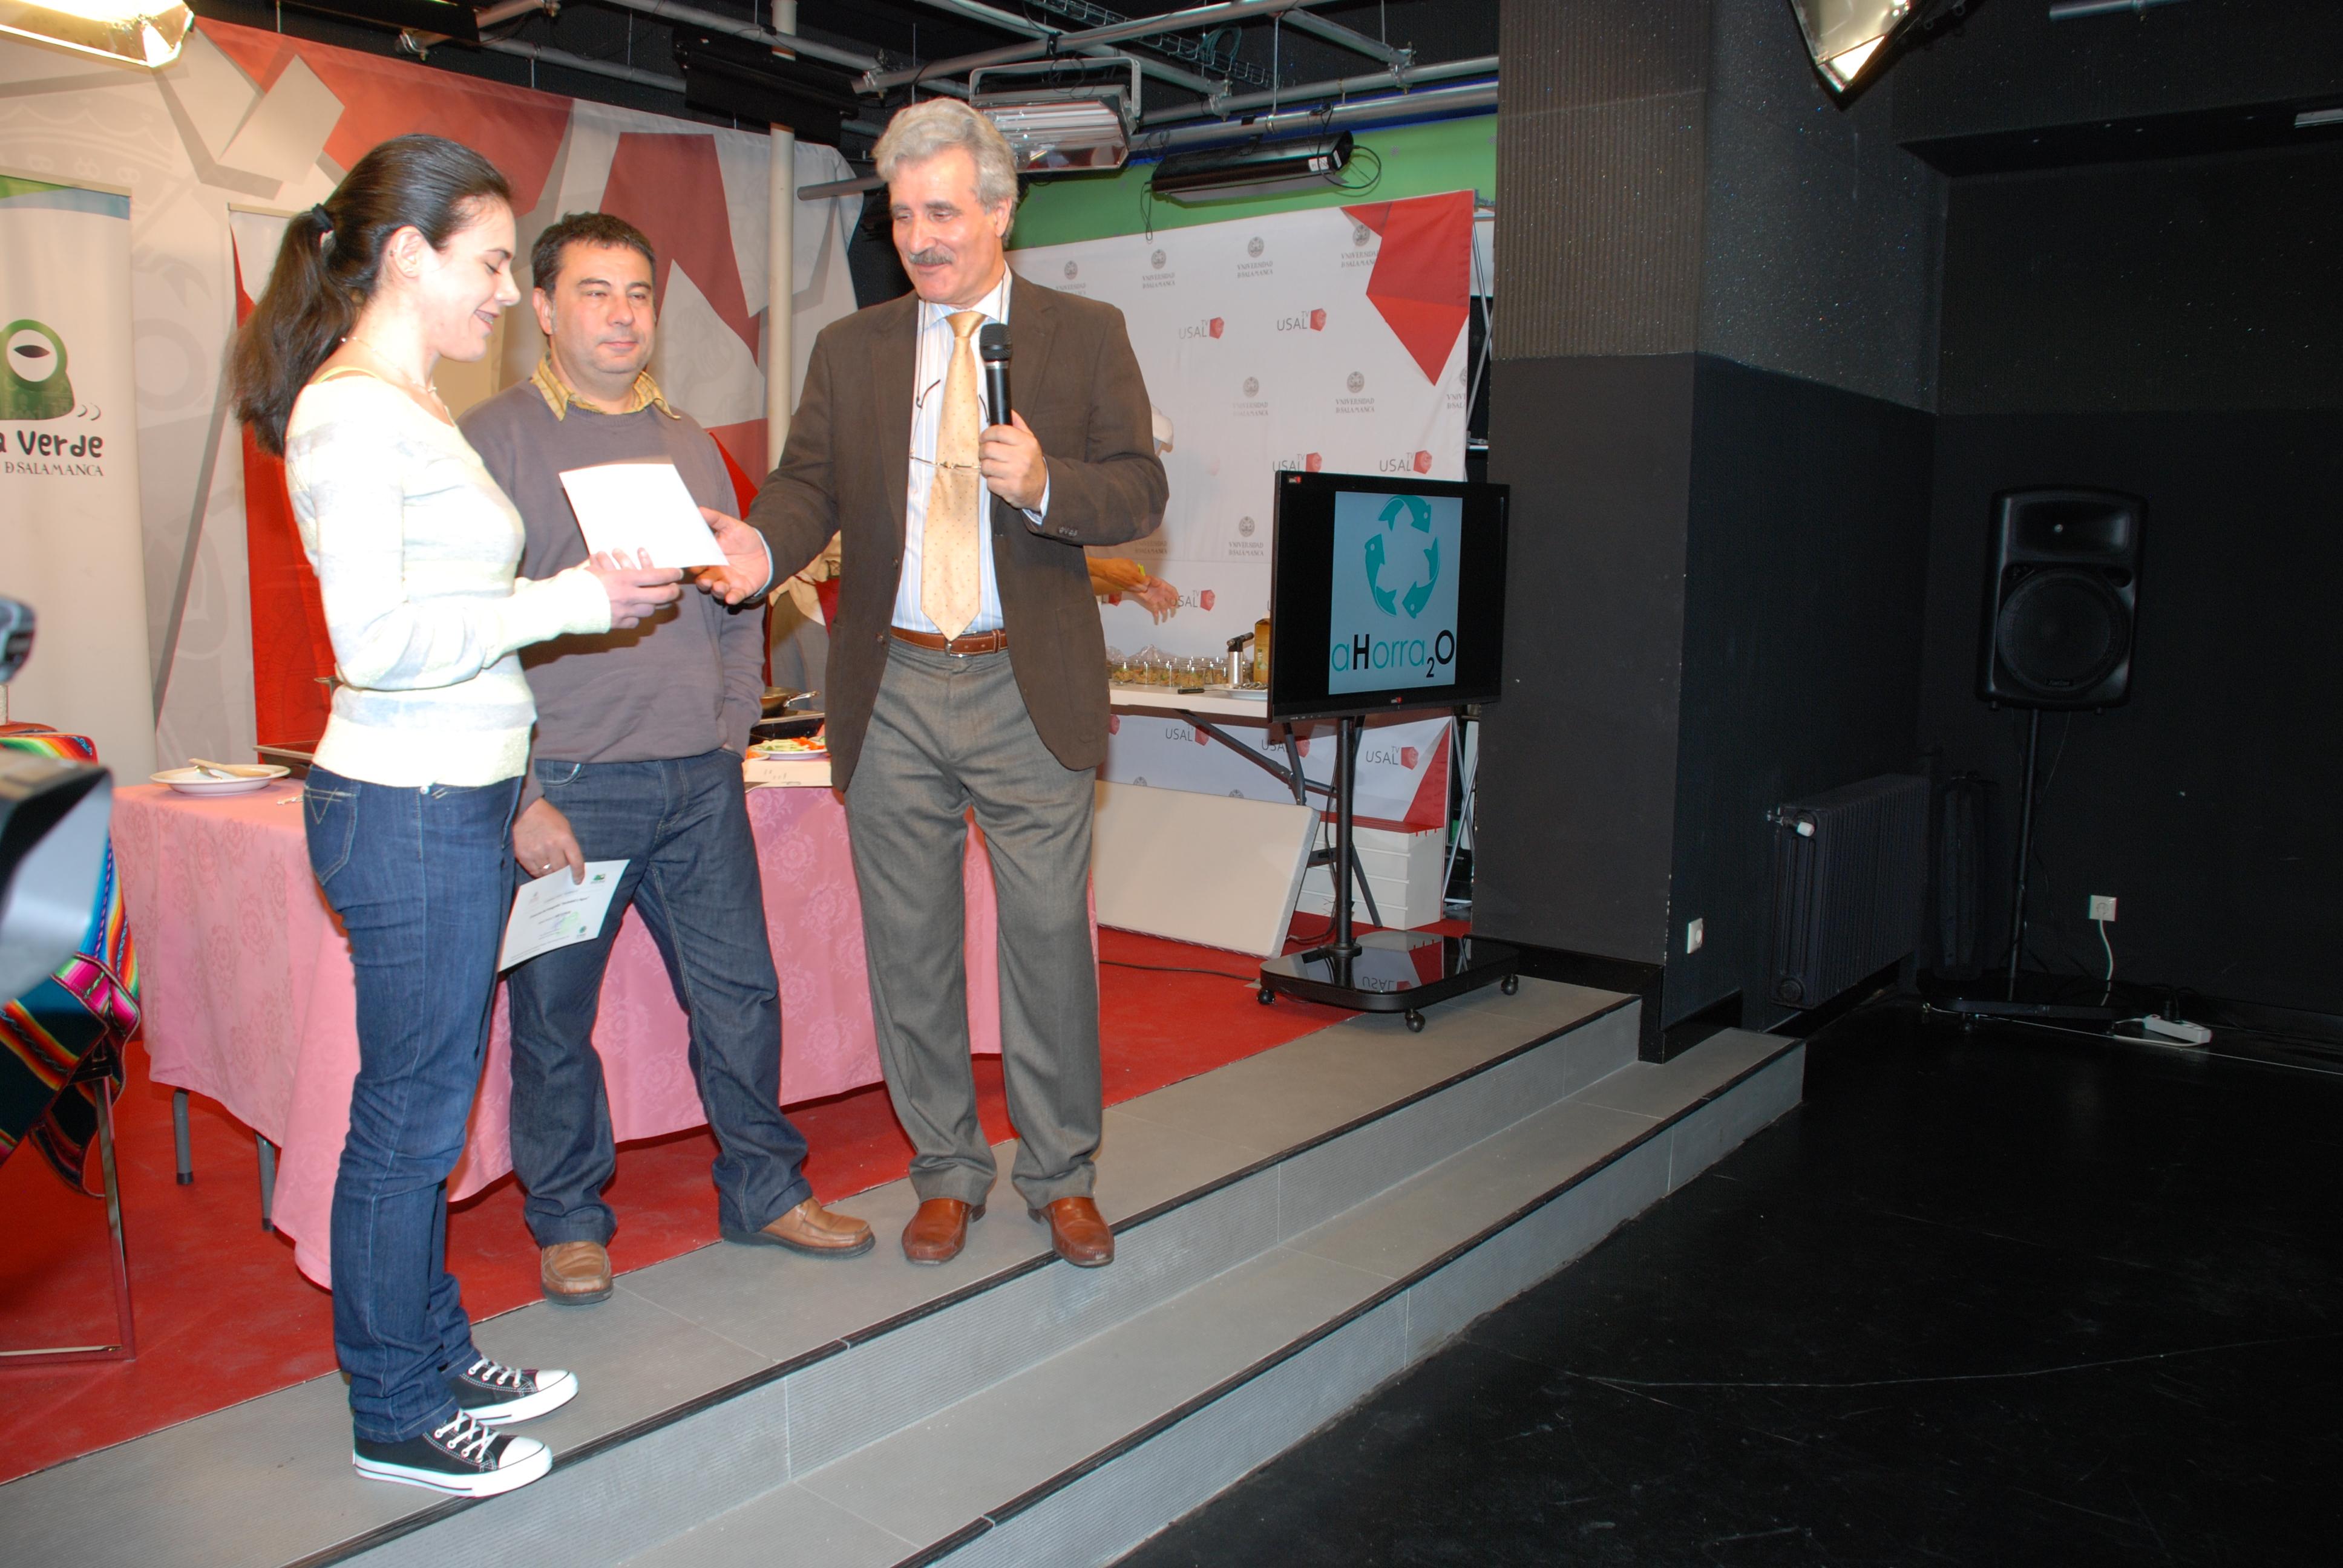 La oficina verde entrega los premios sociedad y agua de for Oficina correos salamanca